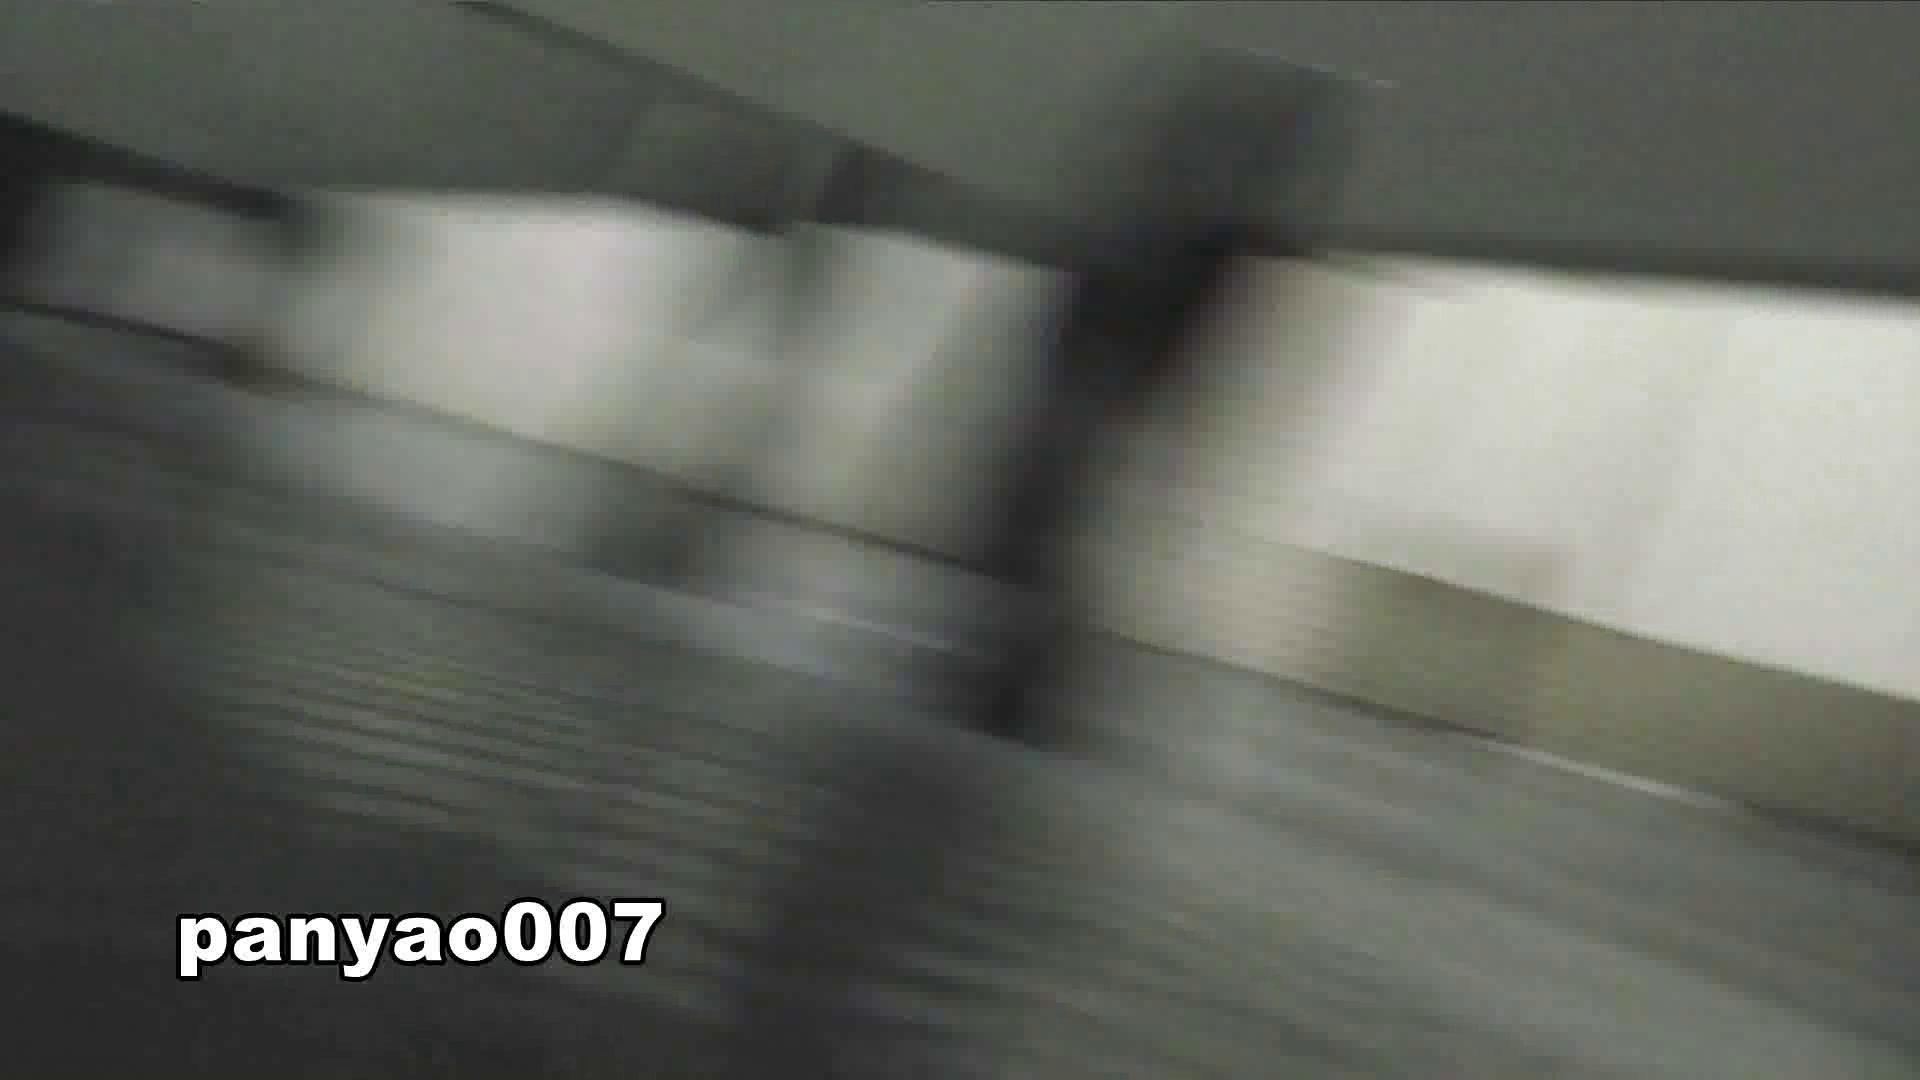 日本成人用品展览会。vol.07 照射実験 潜入突撃 オメコ無修正動画無料 97pic 68